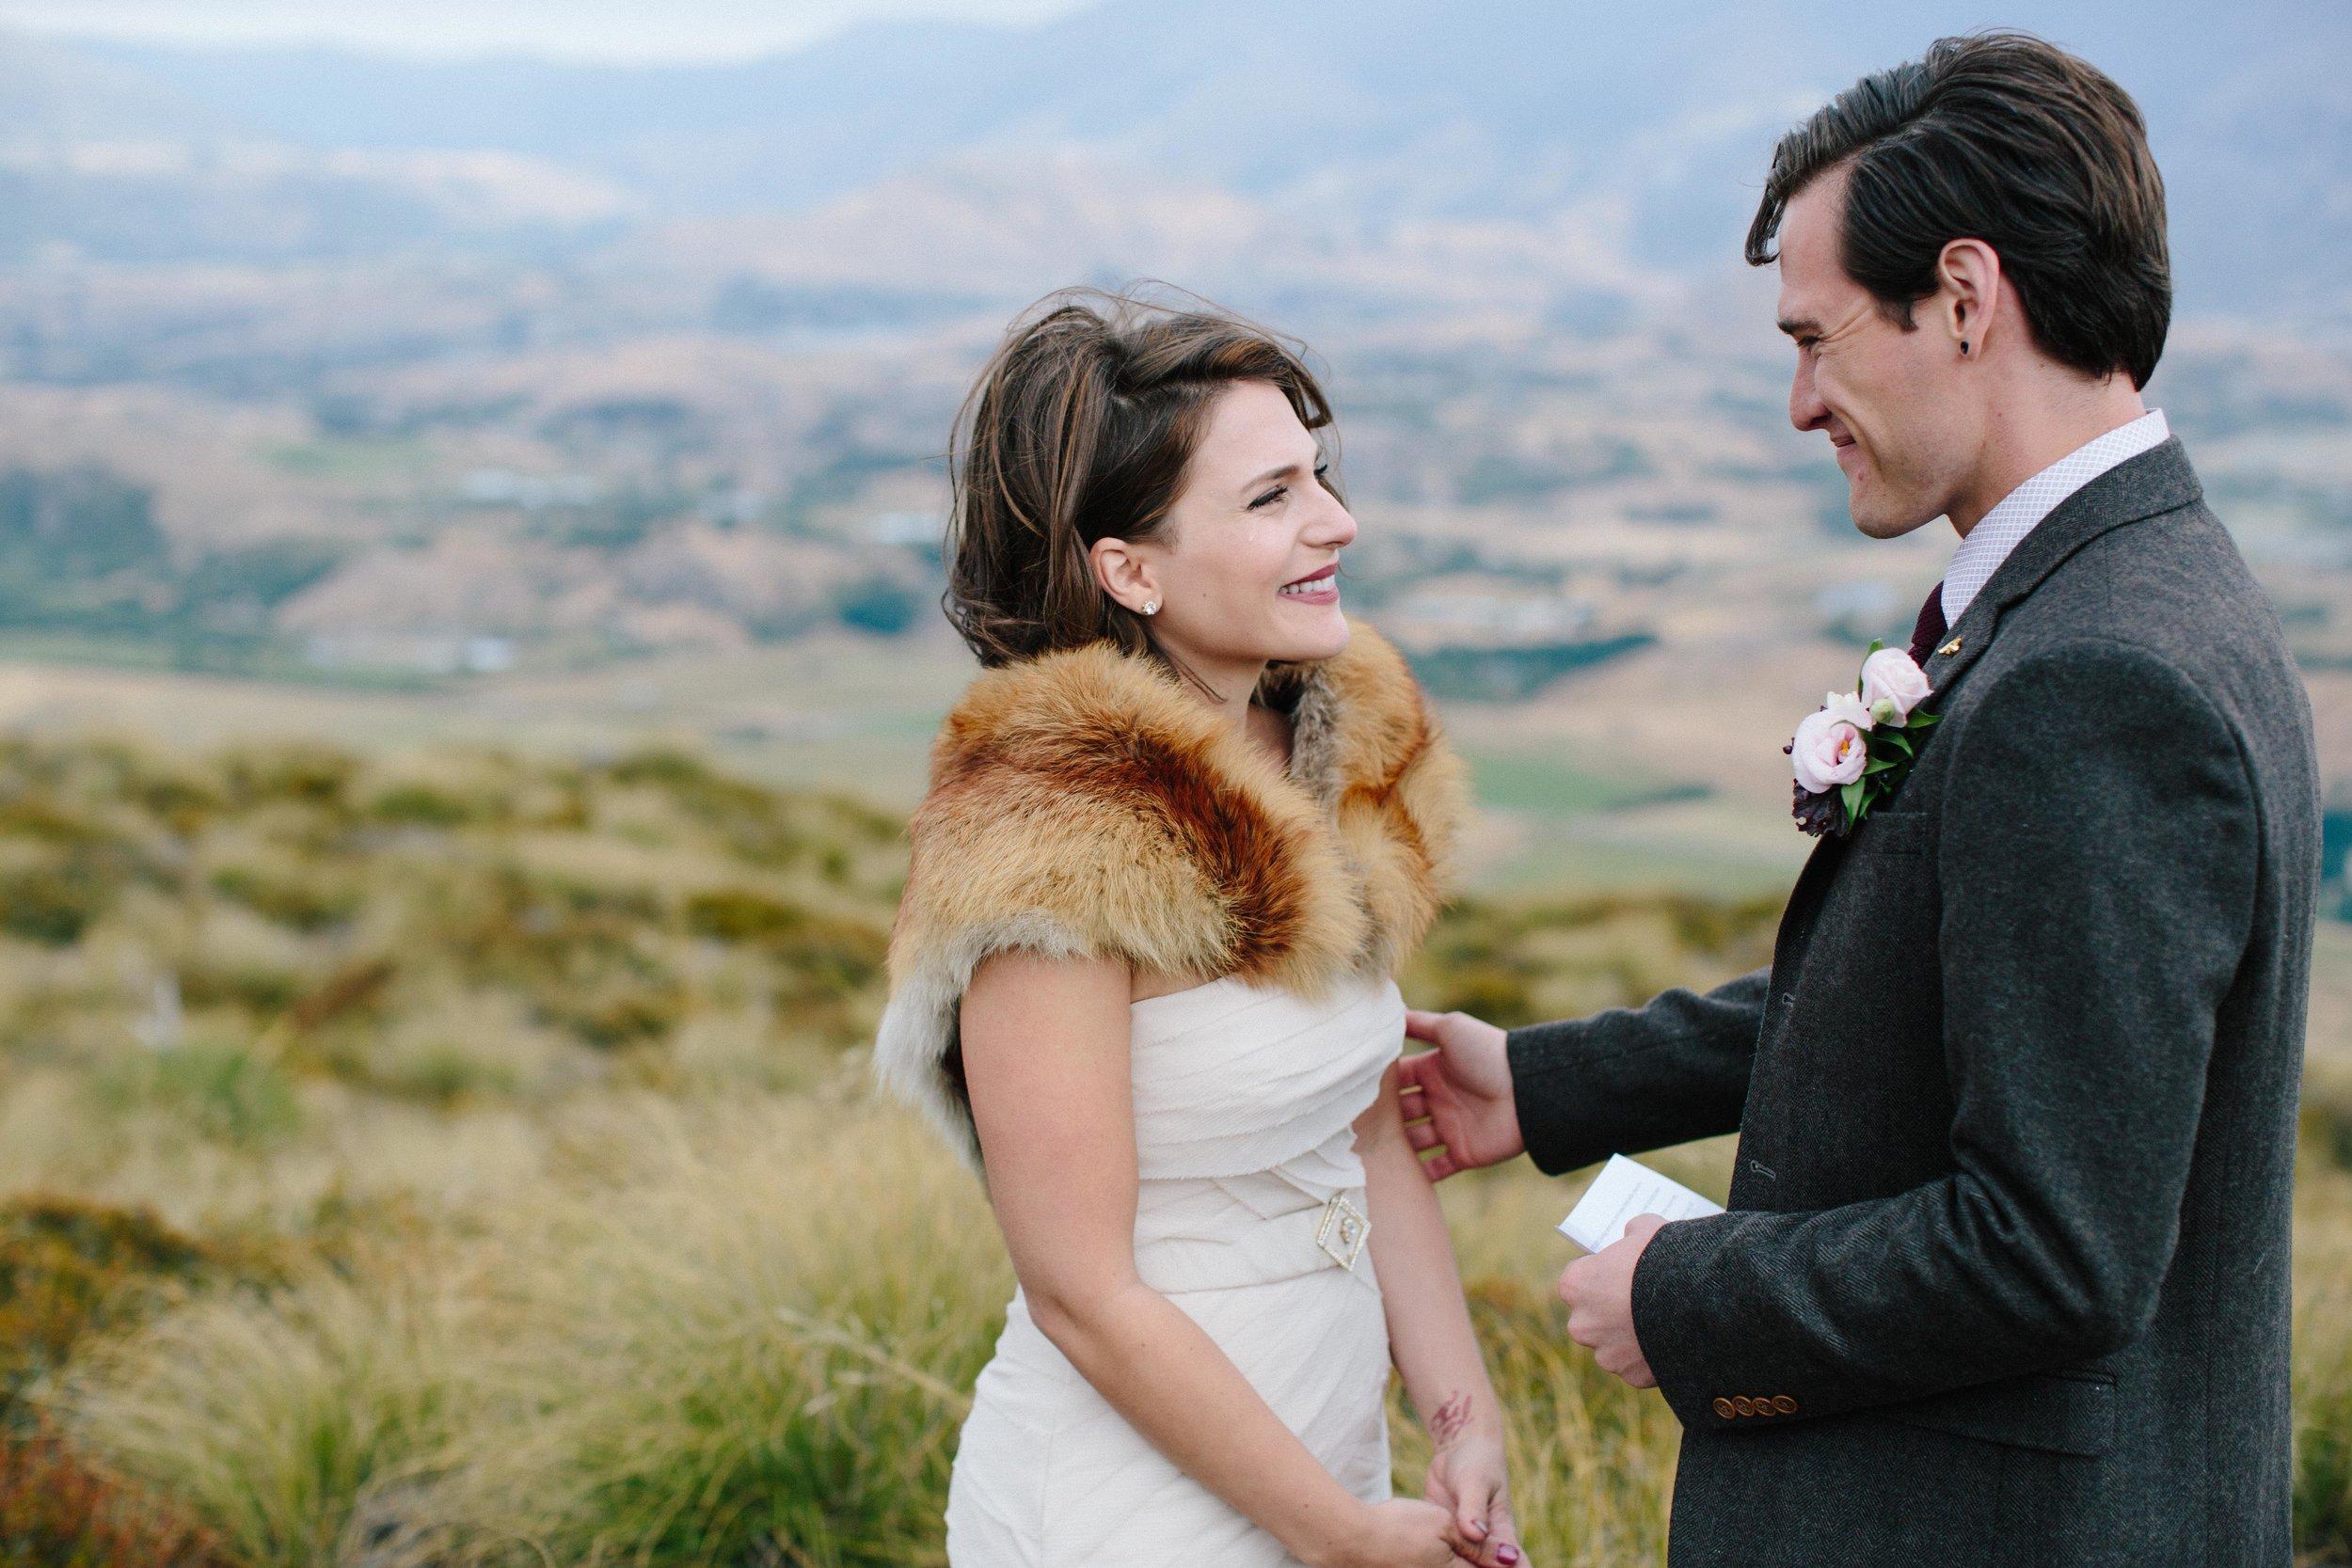 Bride-Groom-Elopement-New Zealand-Ceremony-Vows.jpg